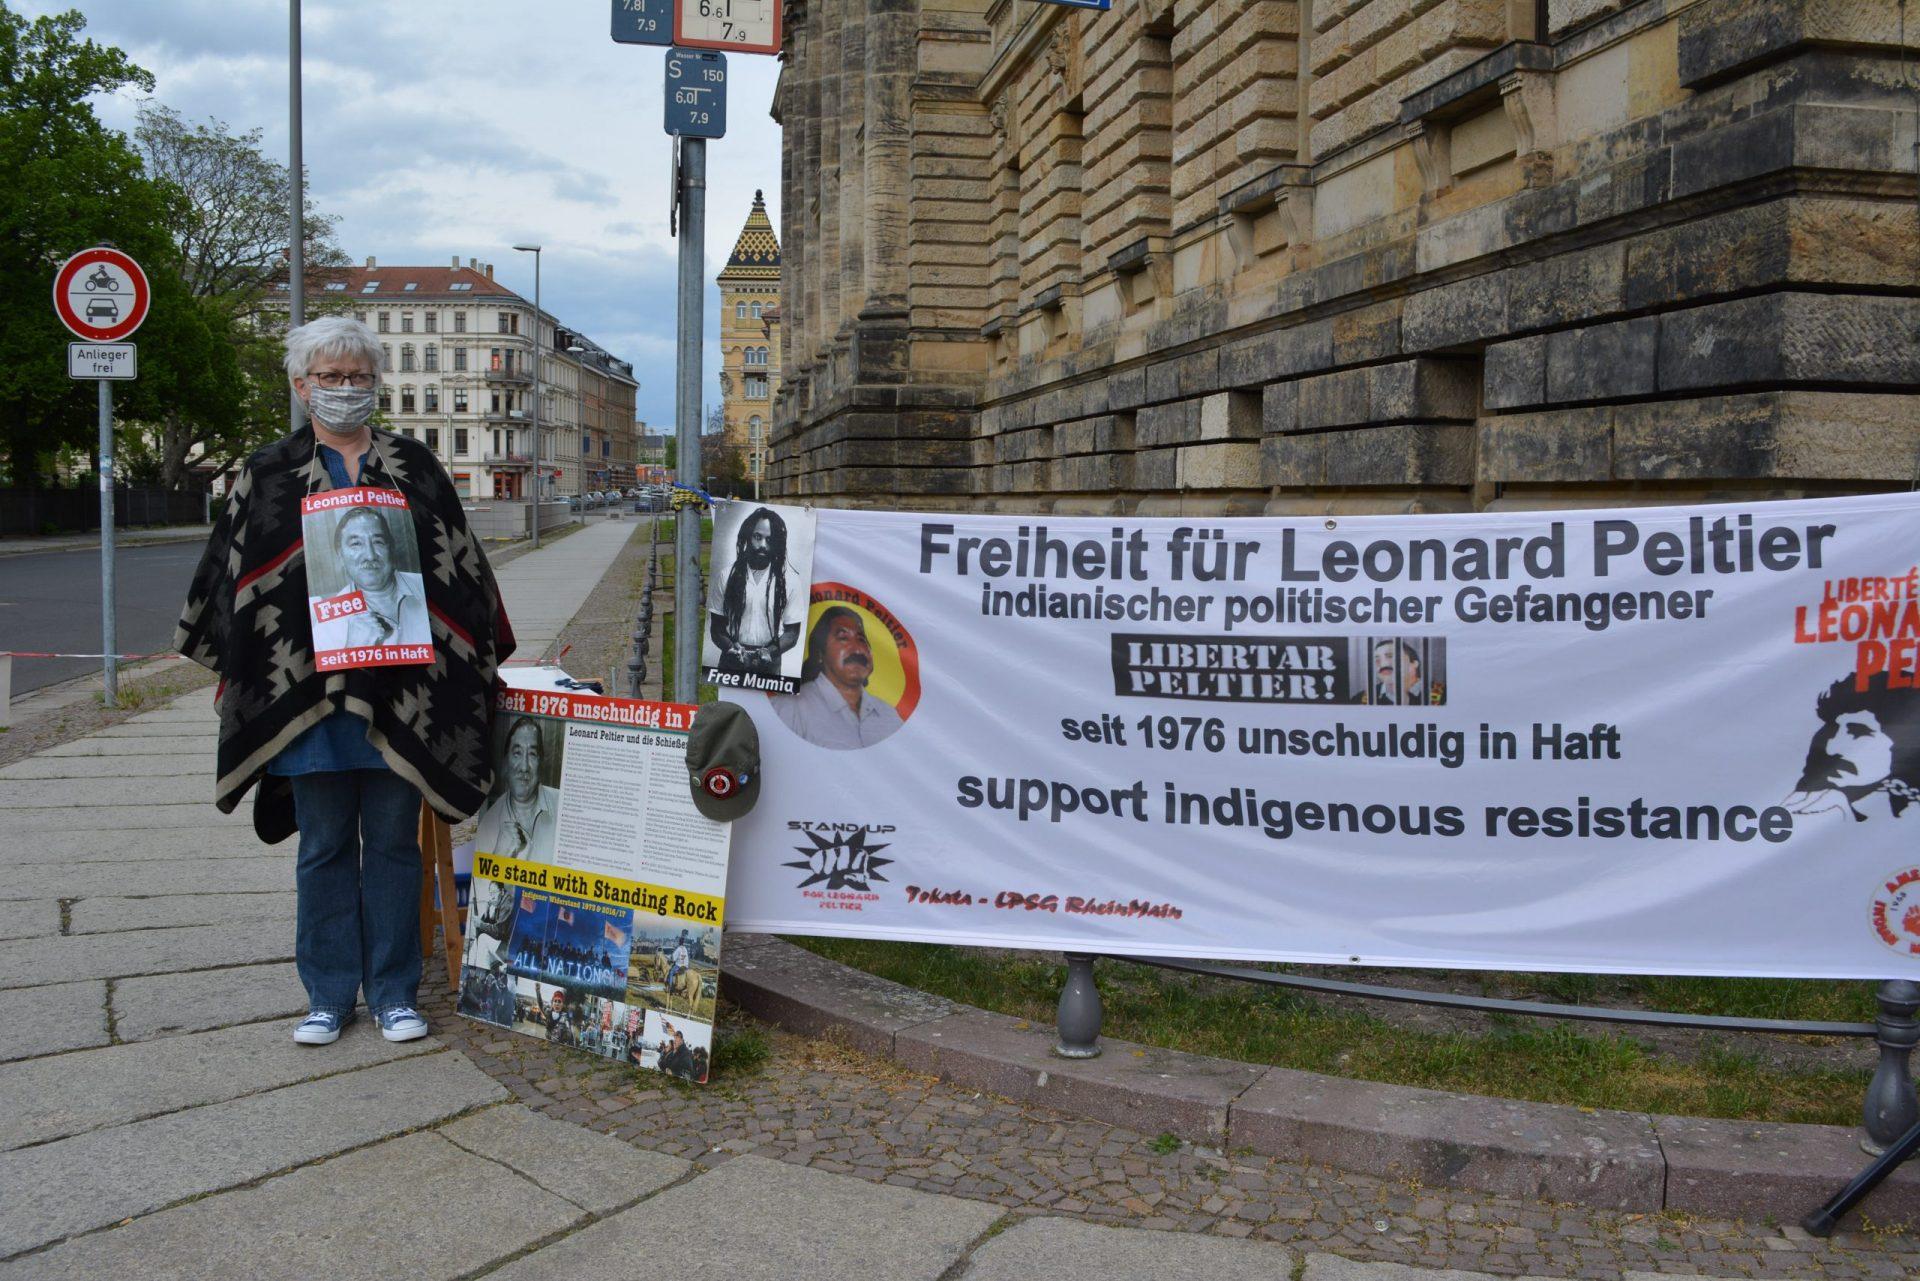 Rückblick zur Mahnwache für Leonard Peltier in Leipzig am 30.4.2020